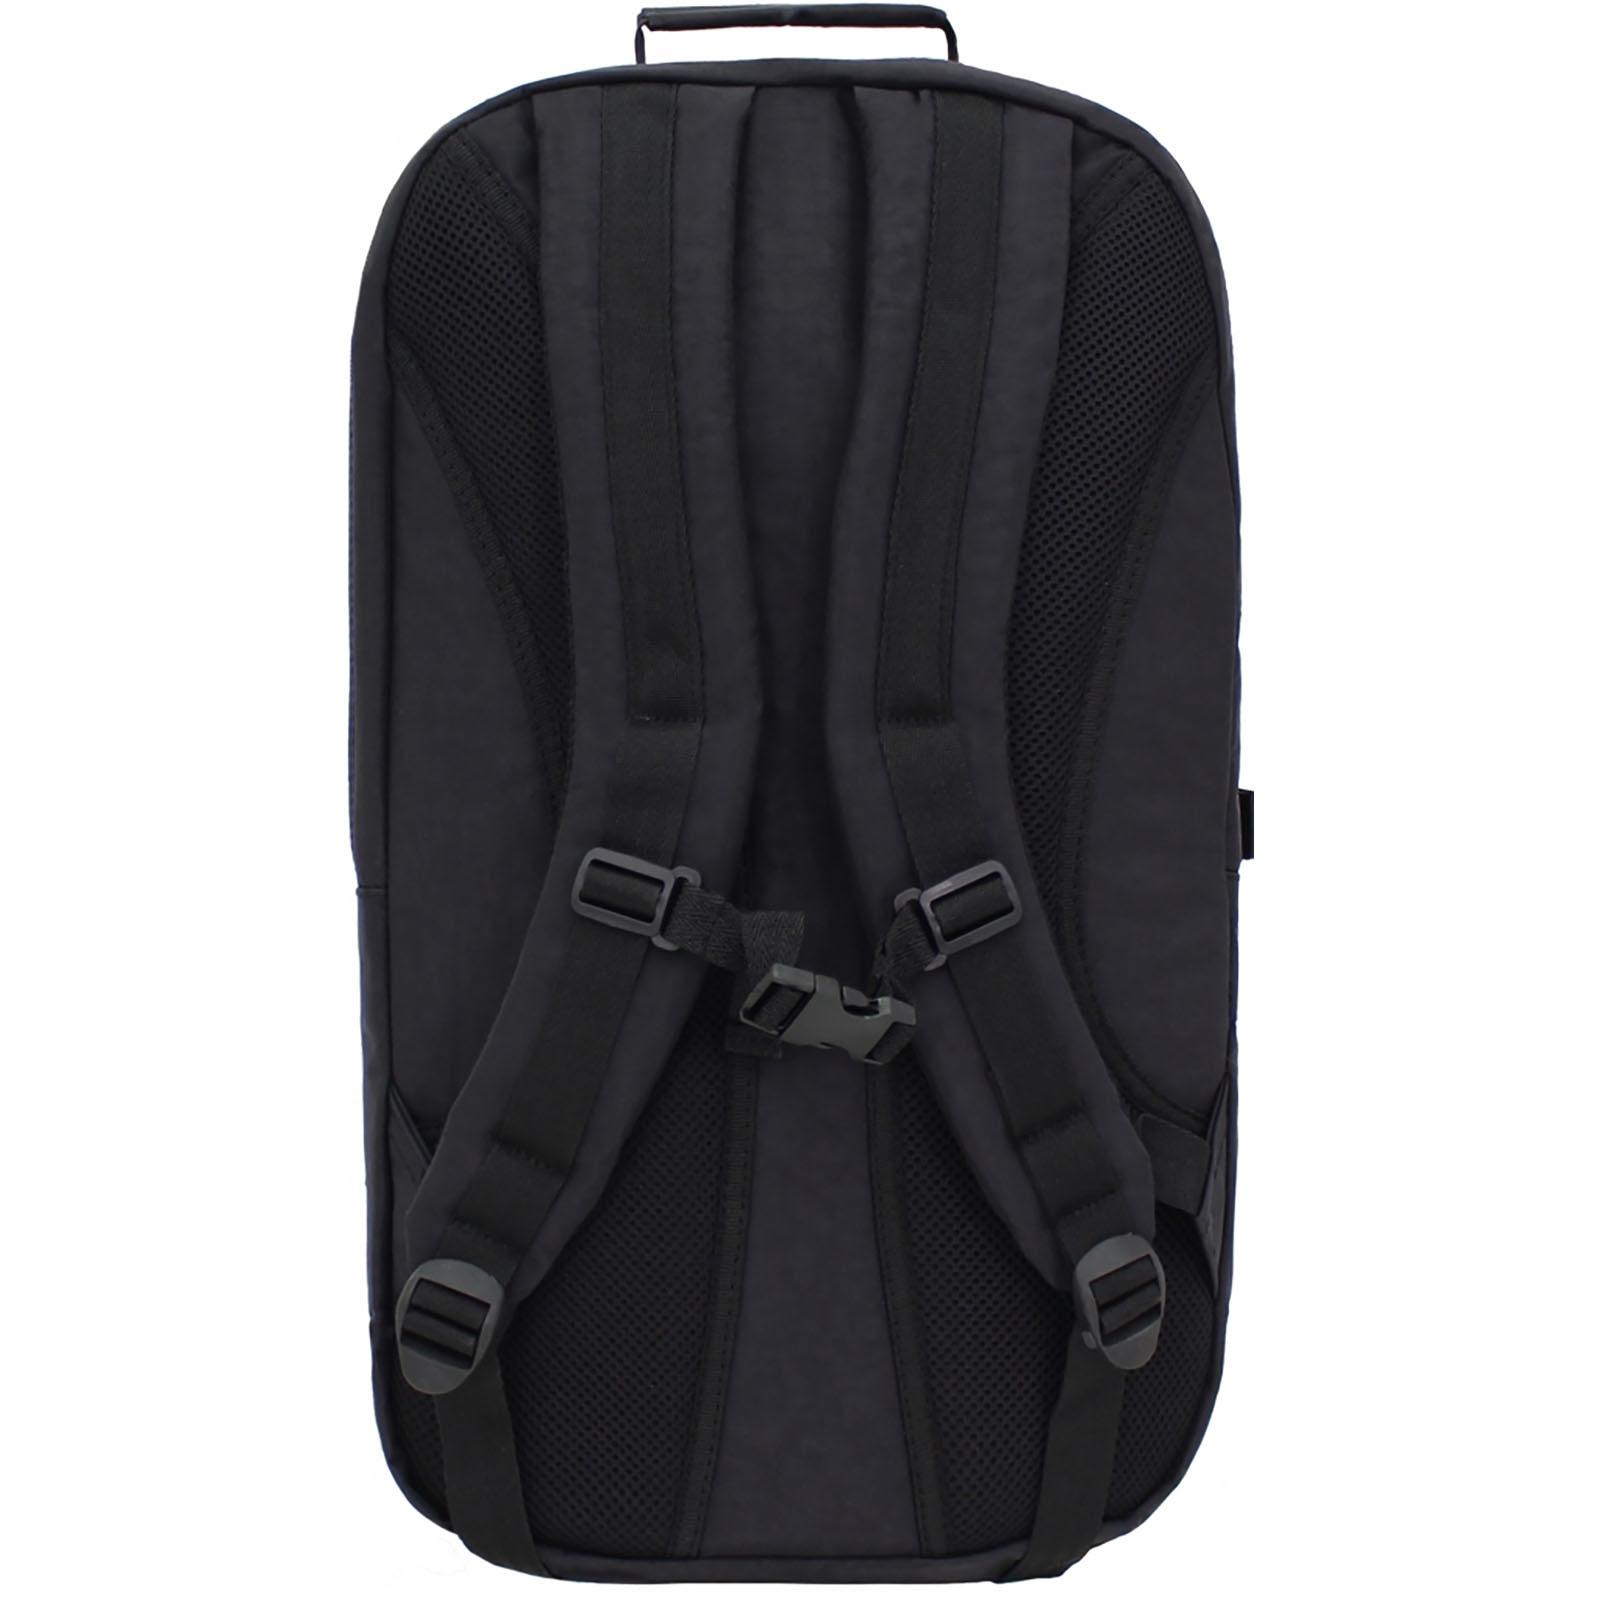 Городские рюкзаки Рюкзак Bagland Пылесос 31 л. Чёрный (0011470) 505e7e6fe5111391440a71b1f36d26ba.JPG